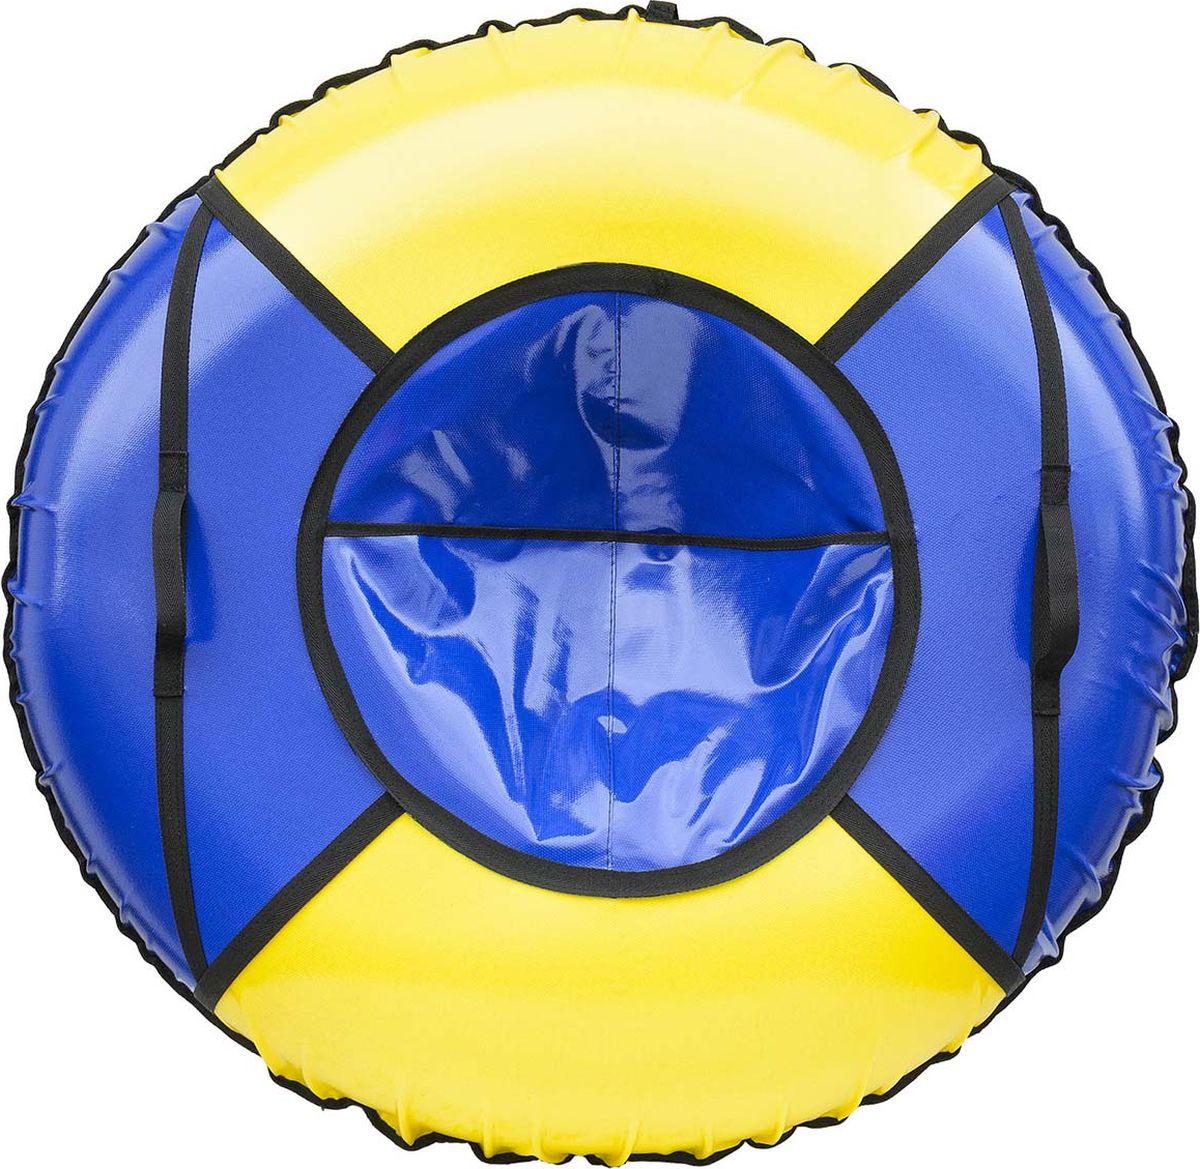 Тюбинг Эх, Прокачу! Профи-4, цвет: синий, желтый, 85 смСП85-4-2Качественные бюджетные санки-ватрушки для катания по снегу из 4 секций * размеры указаны в надутом состоянии * дно изготовлено из ткани ПВХ 630г/м2 * верх изготовлен из ткани ПВХ 630гр/м2 * камера российского производства * буксировочный ремень * морозоустойчивость -45 * допускается деформация формы санок из-за неравномерности надутия камеры